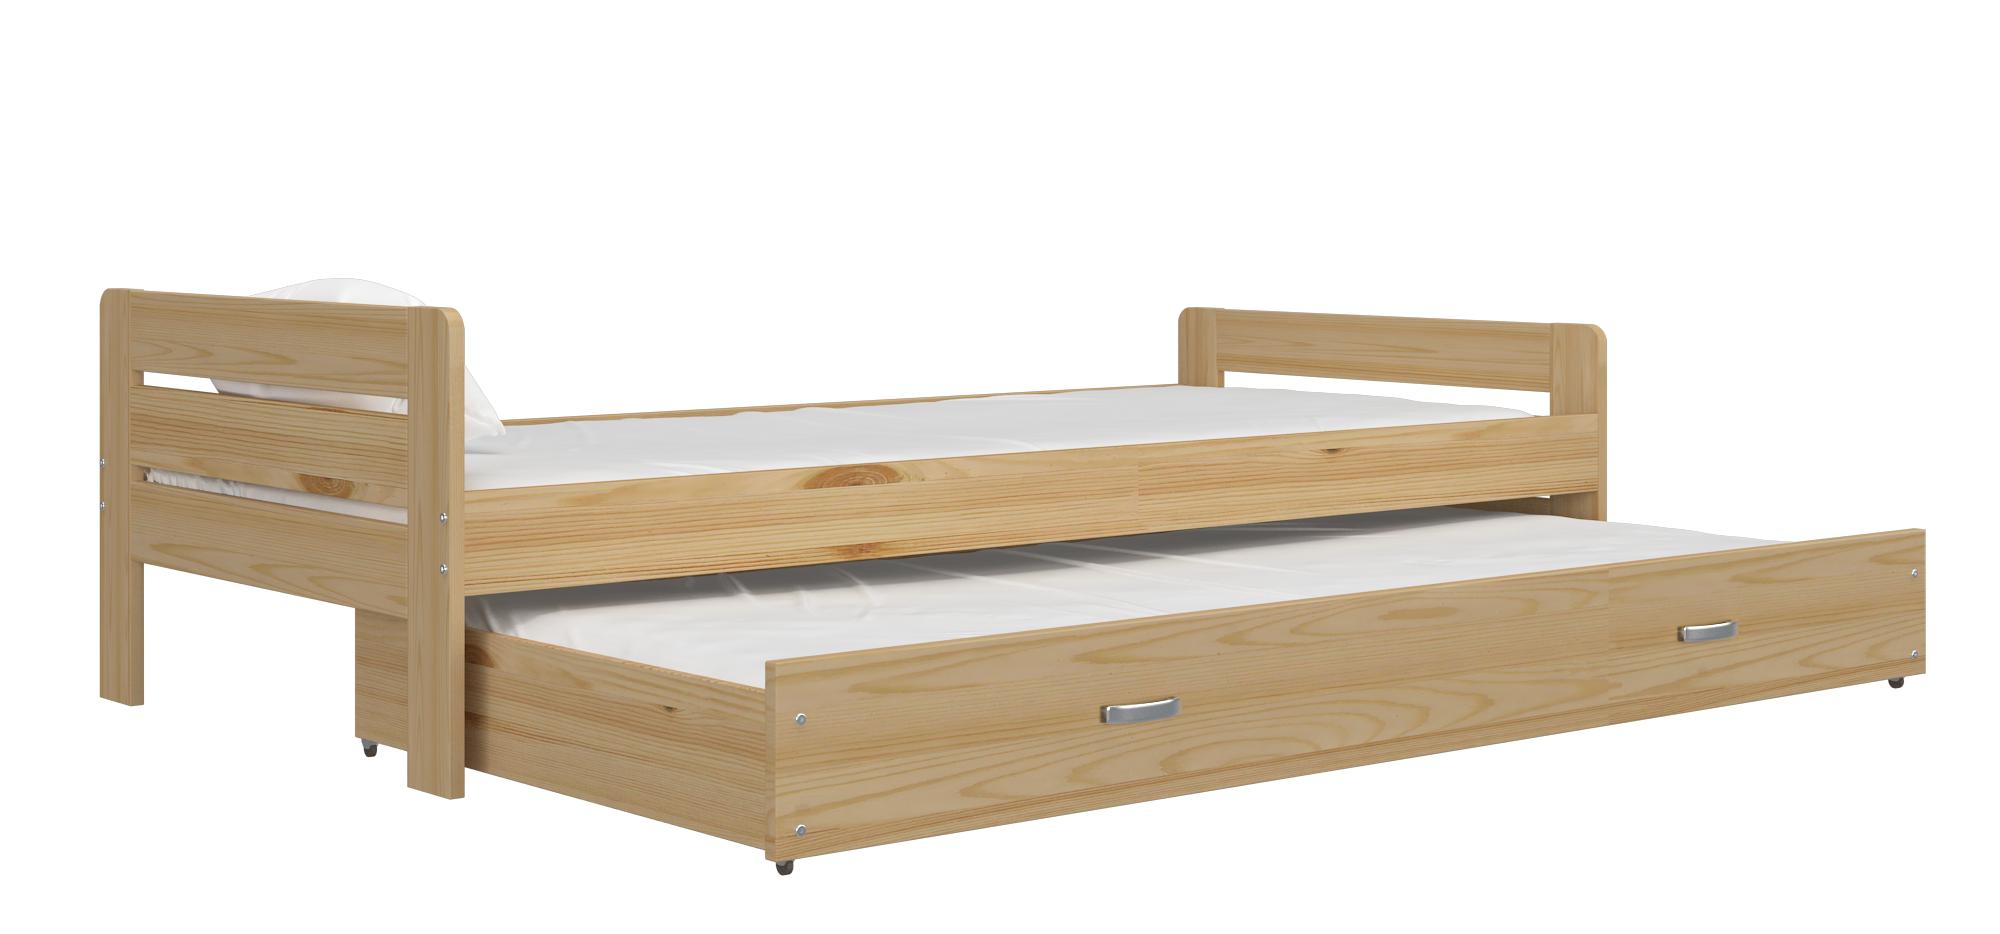 ArtAJ Detská posteľ Ben Farba: Borovica, Typ: bez matraca